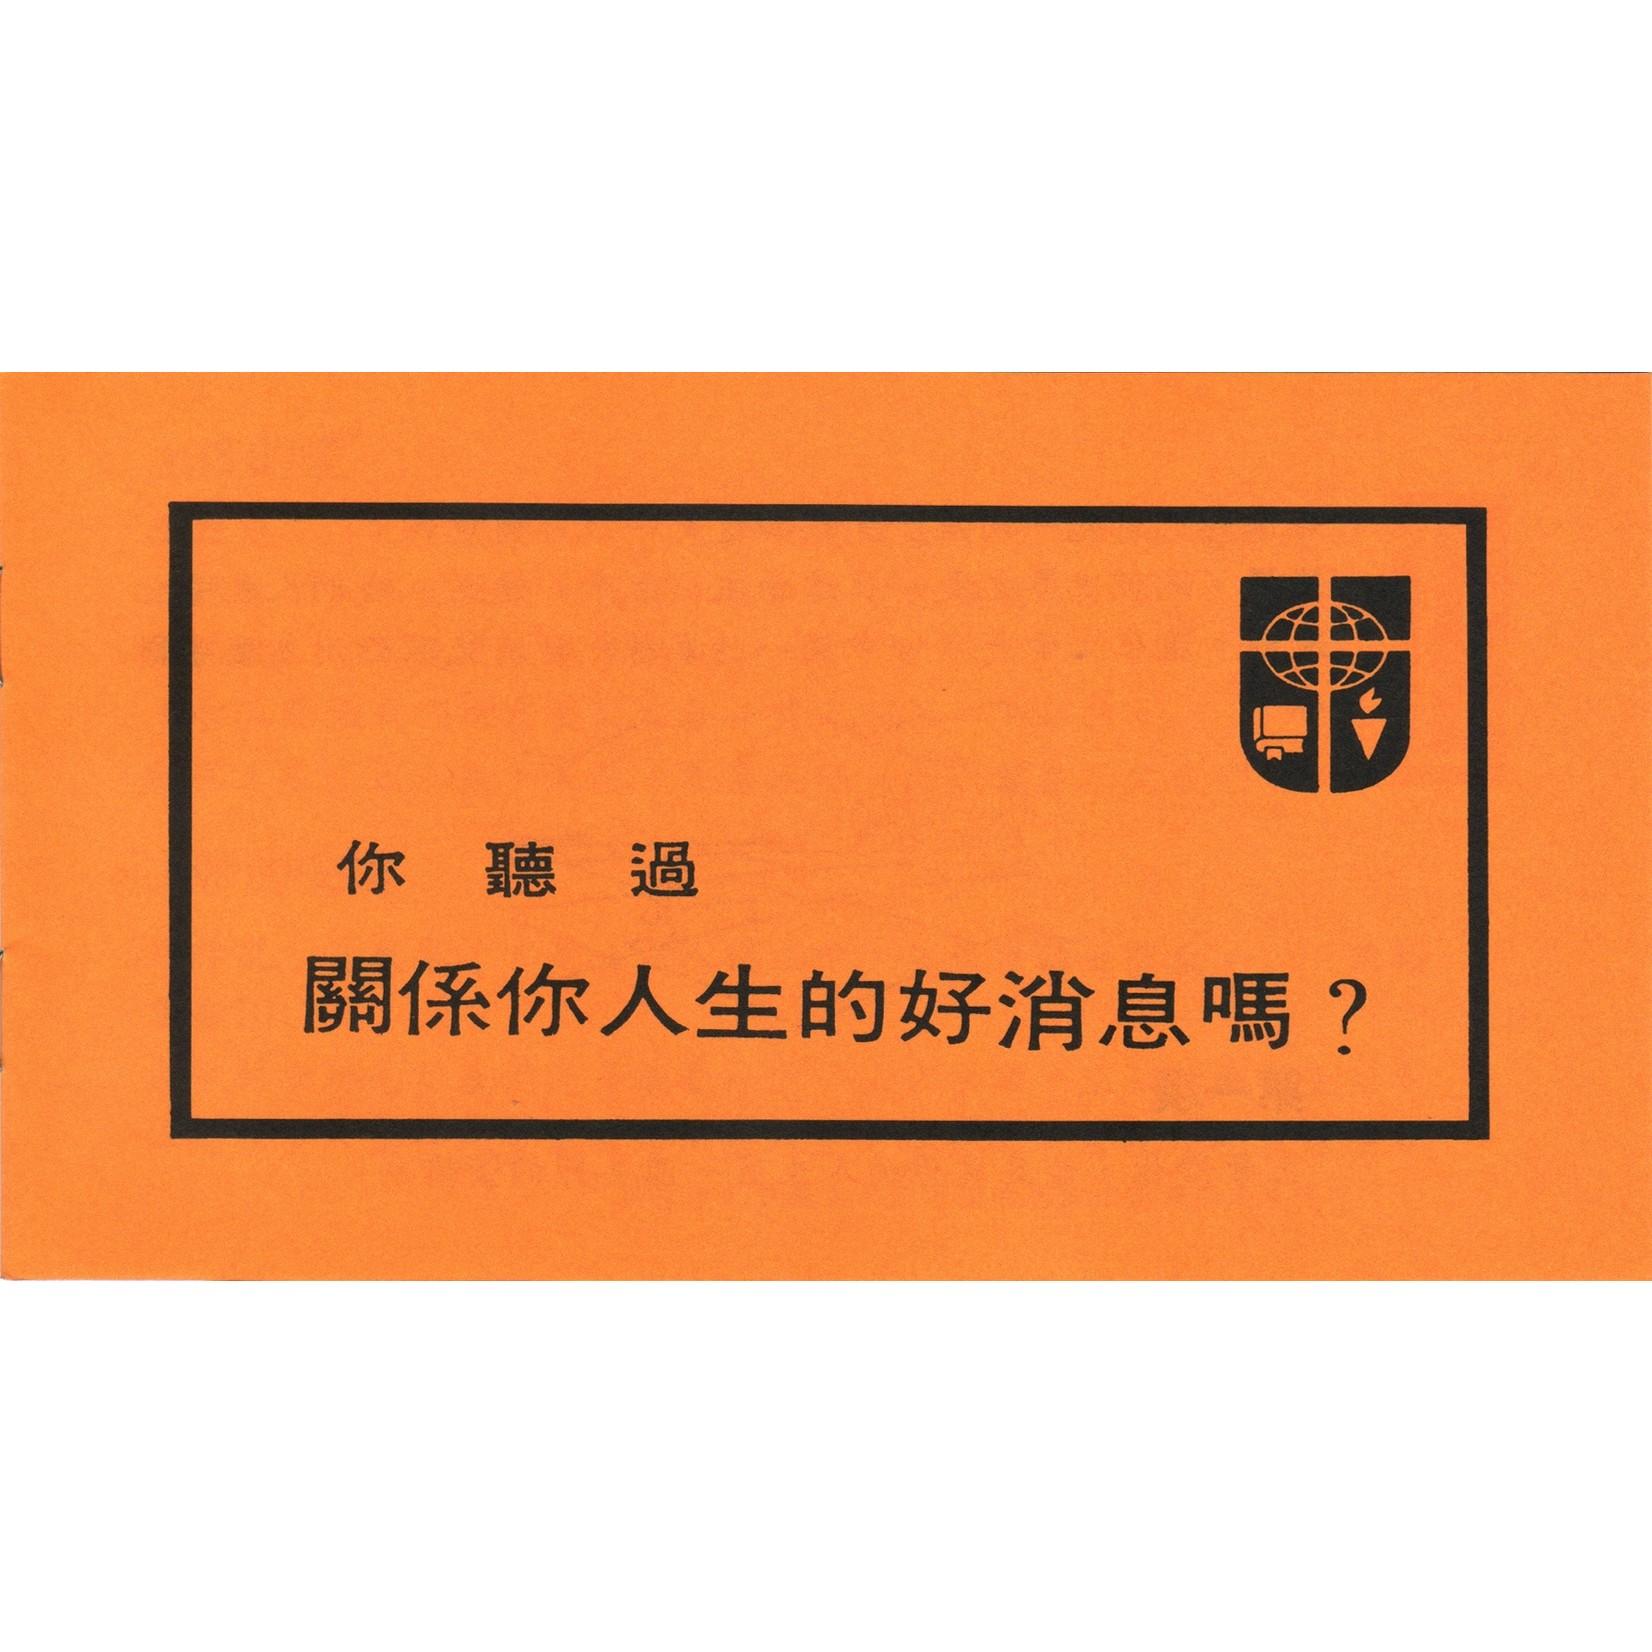 中國學園傳道會 Taiwan Campus Crusade for Christ 你聽過關係你人生的好消息嗎?(大本)(繁體)